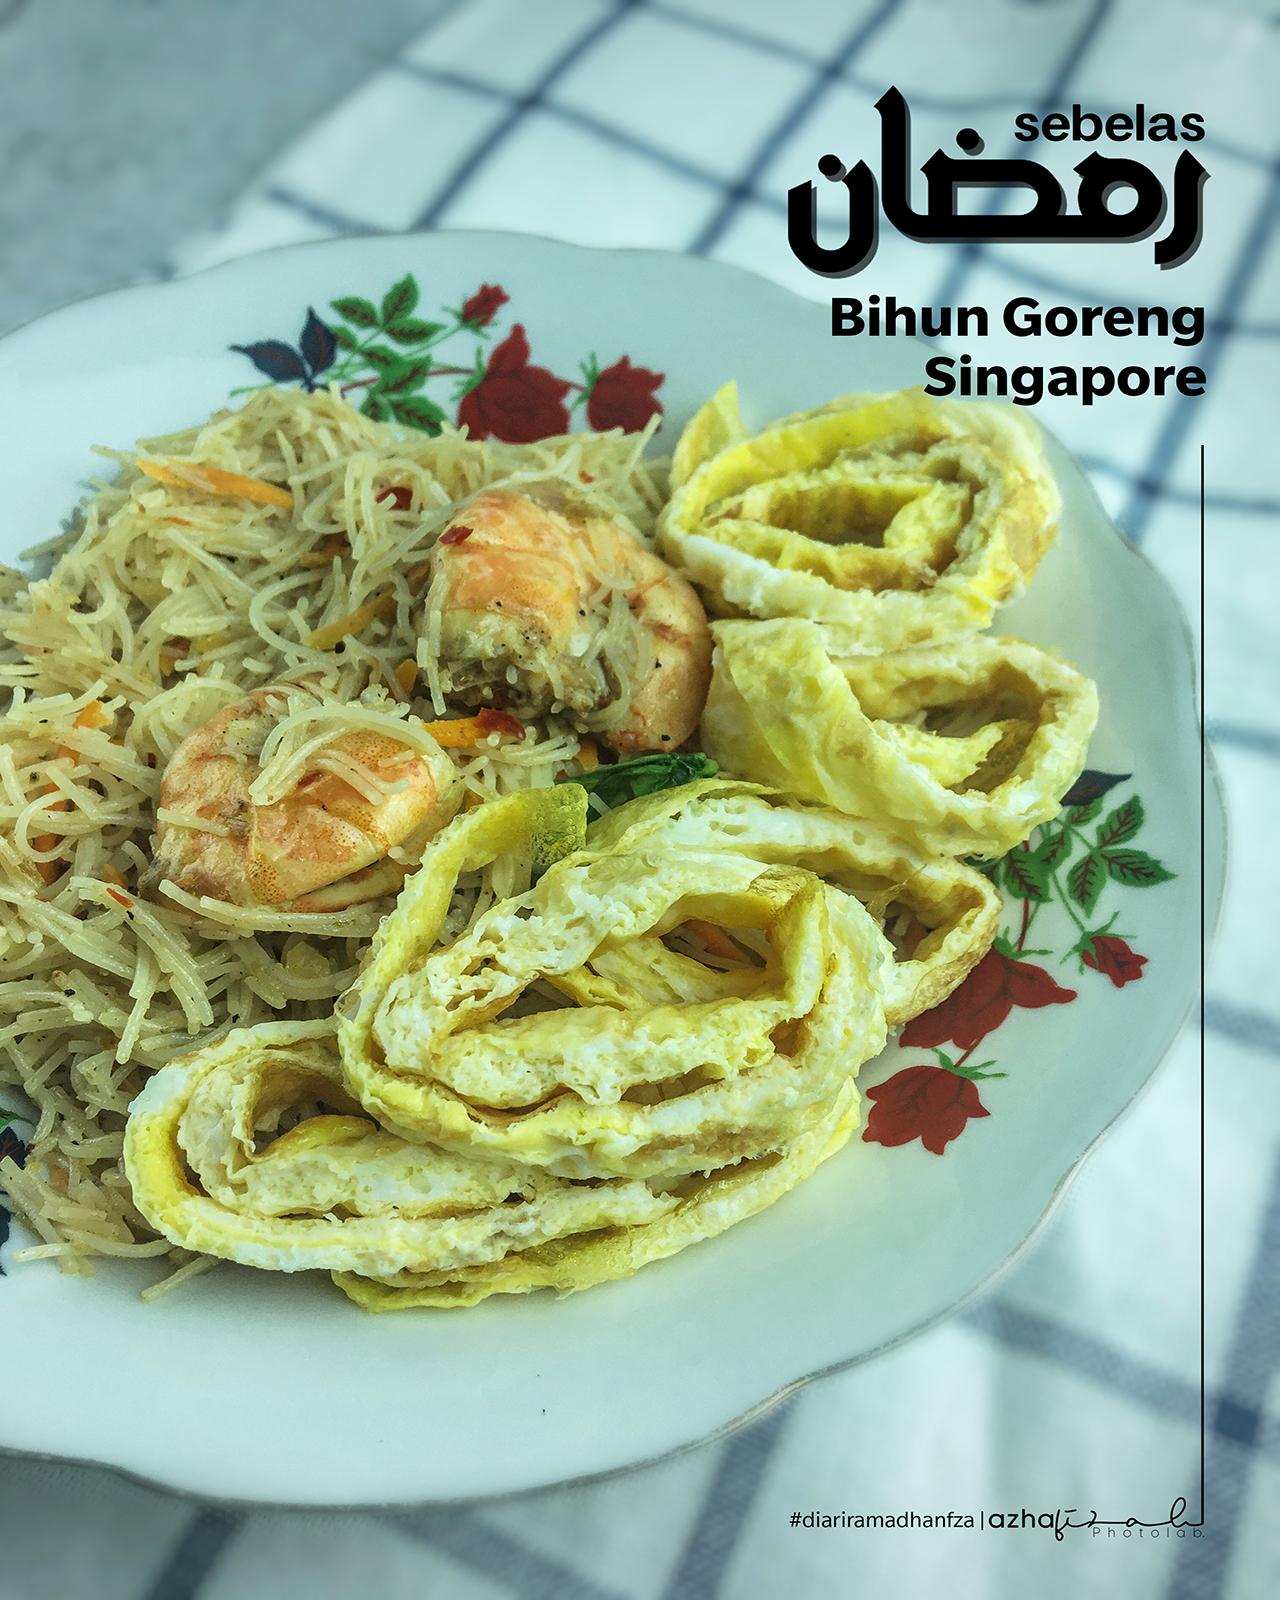 Resepi Bihun Goreng Singapore Masak Cara Fiza